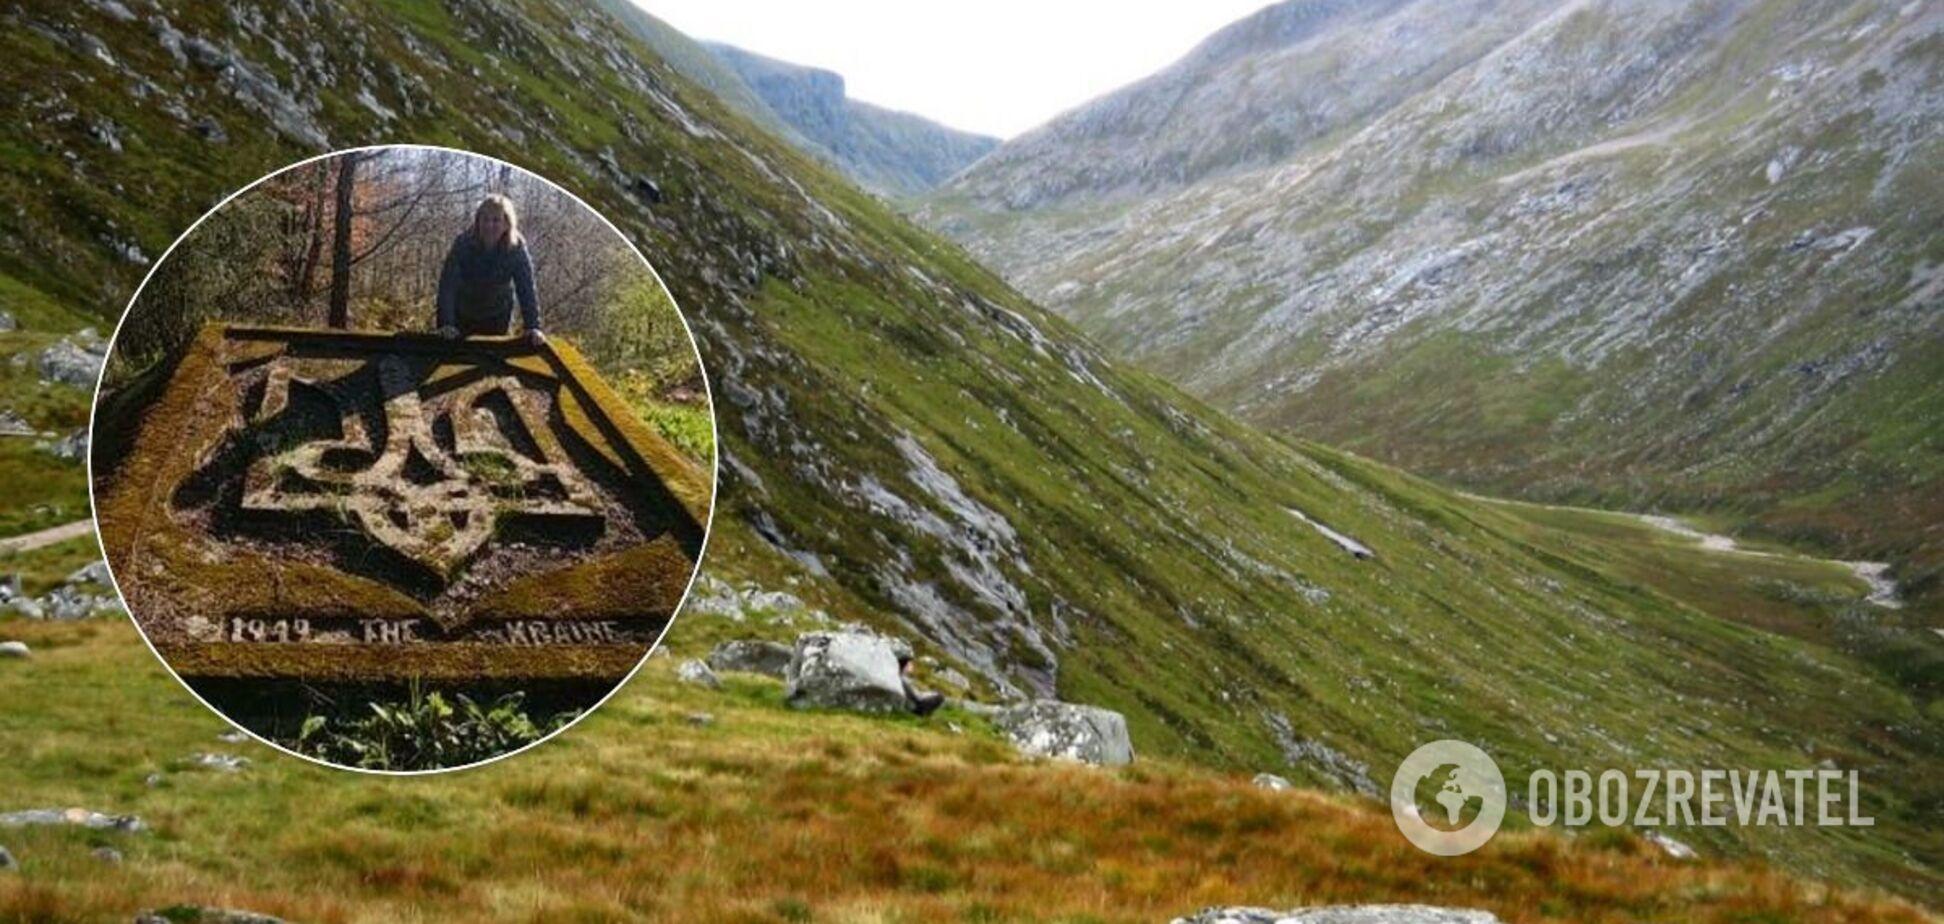 Герб Украины обнаружили в горах Шотландии